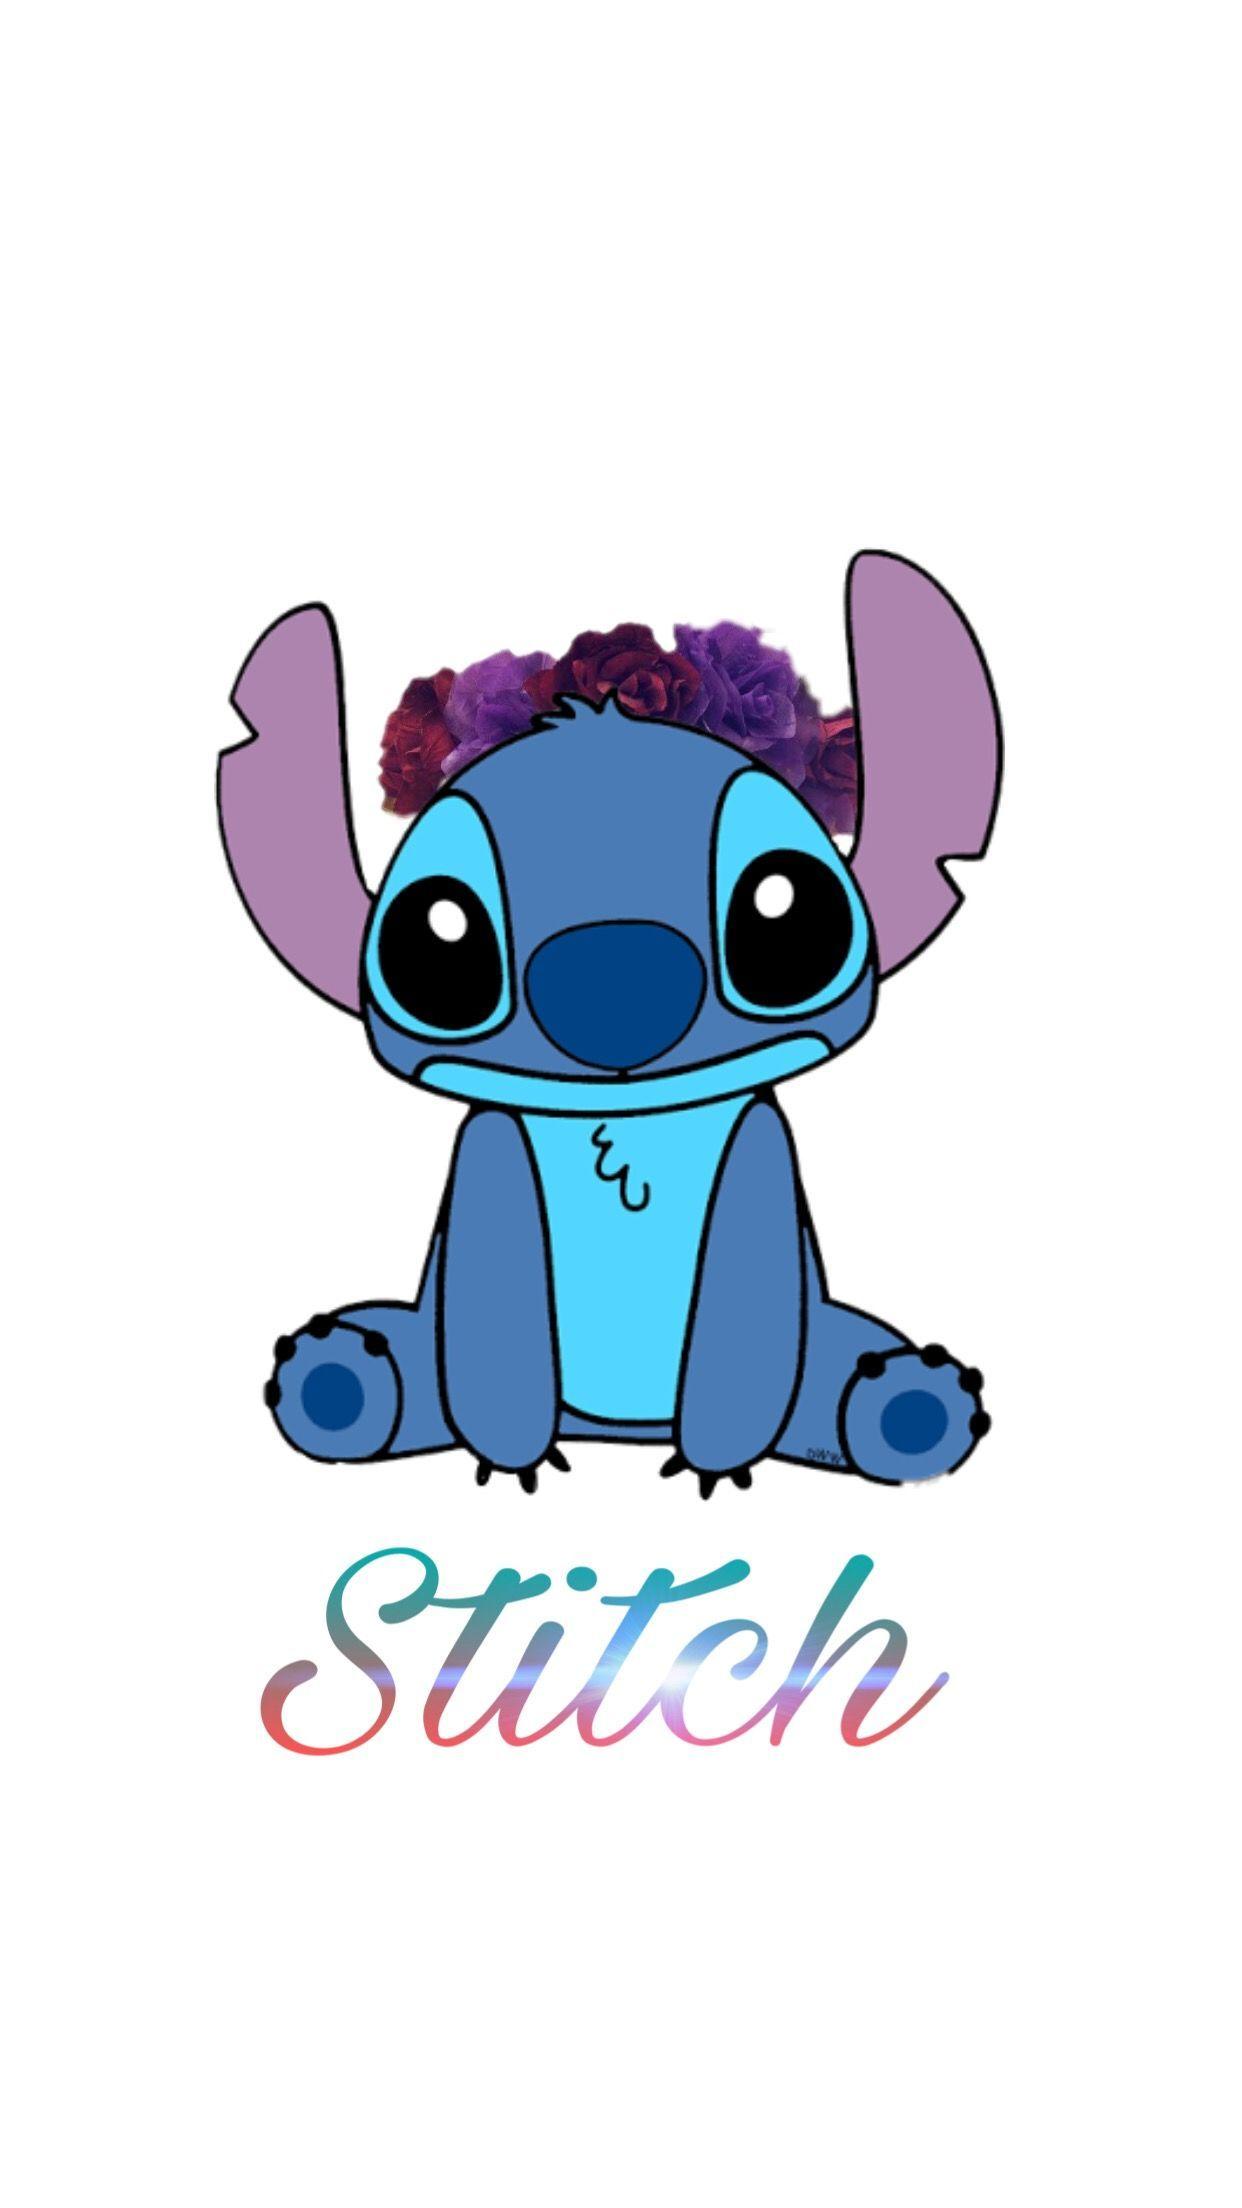 Stitch Kawaii : stitch, kawaii, Stitch, Dessins, Personnages, Disney,, D'ecran, Dessin,, D'écran